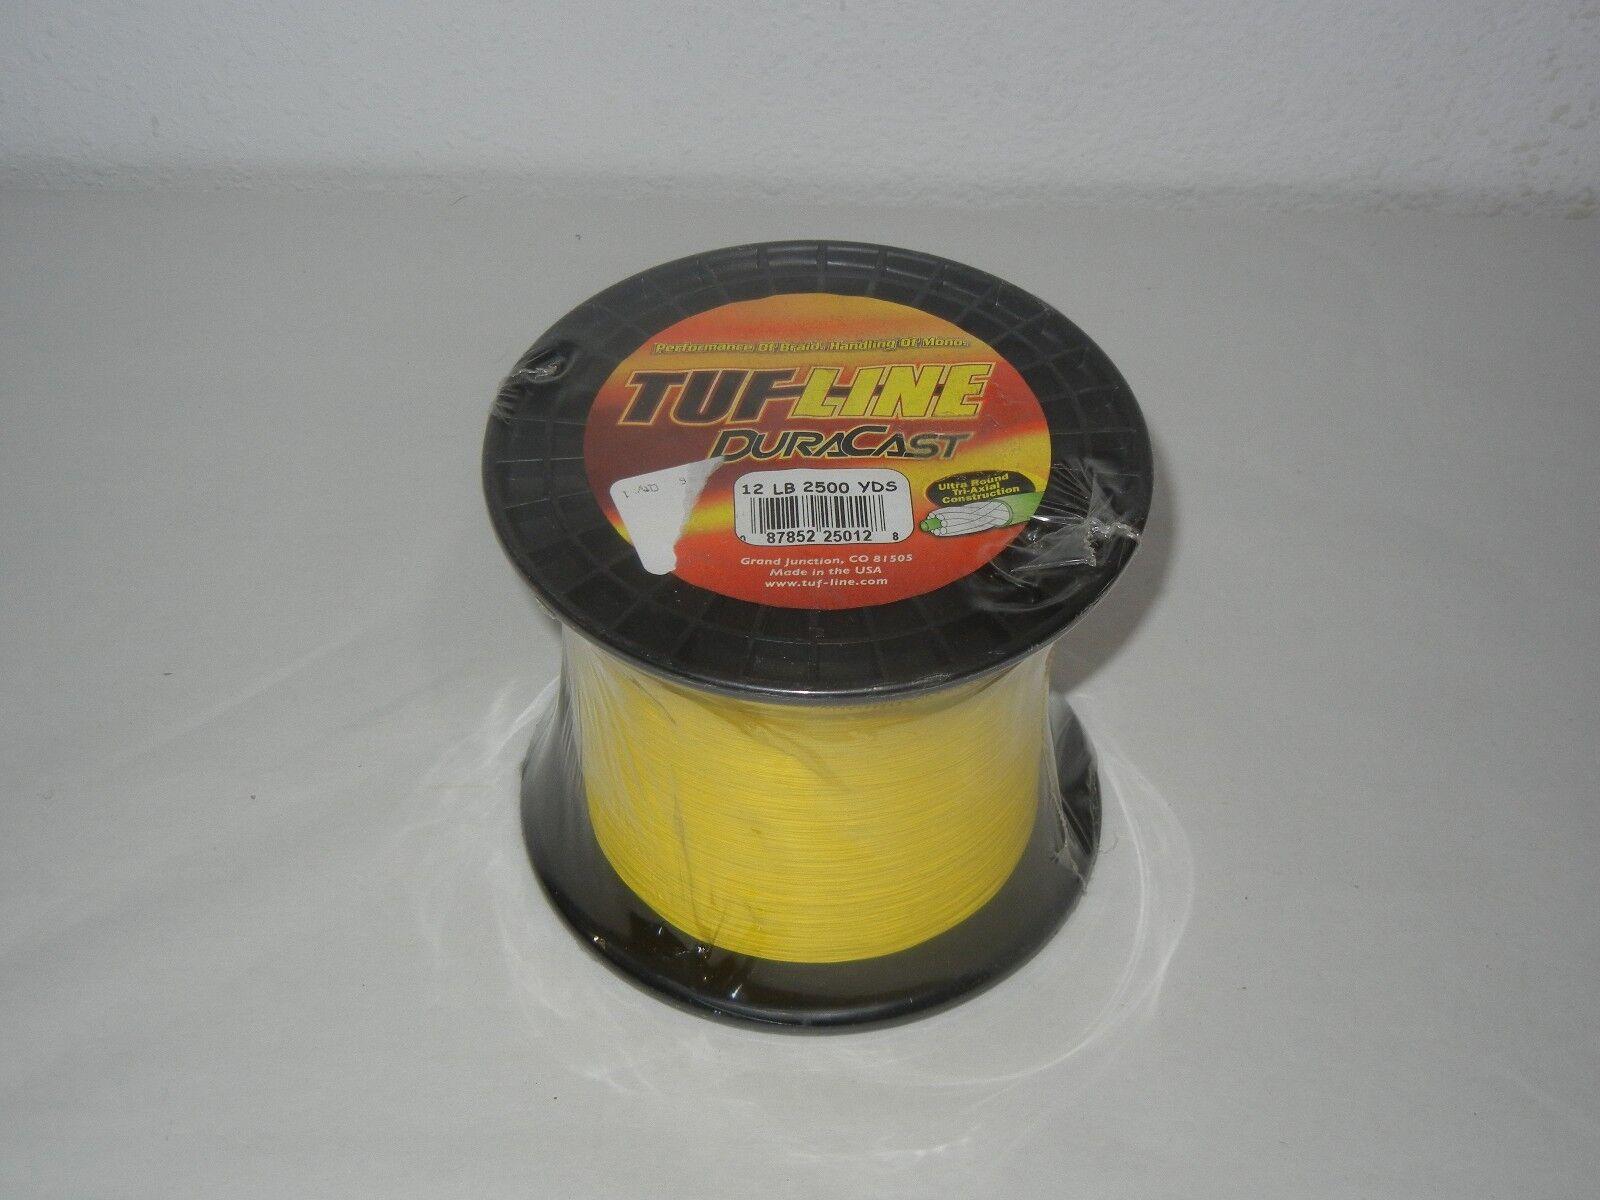 TUF LINE Gelb DURACAST ULTRA ROUND TRI-AXIAL CONSTRUKTION 12 LB 2500 YARDS